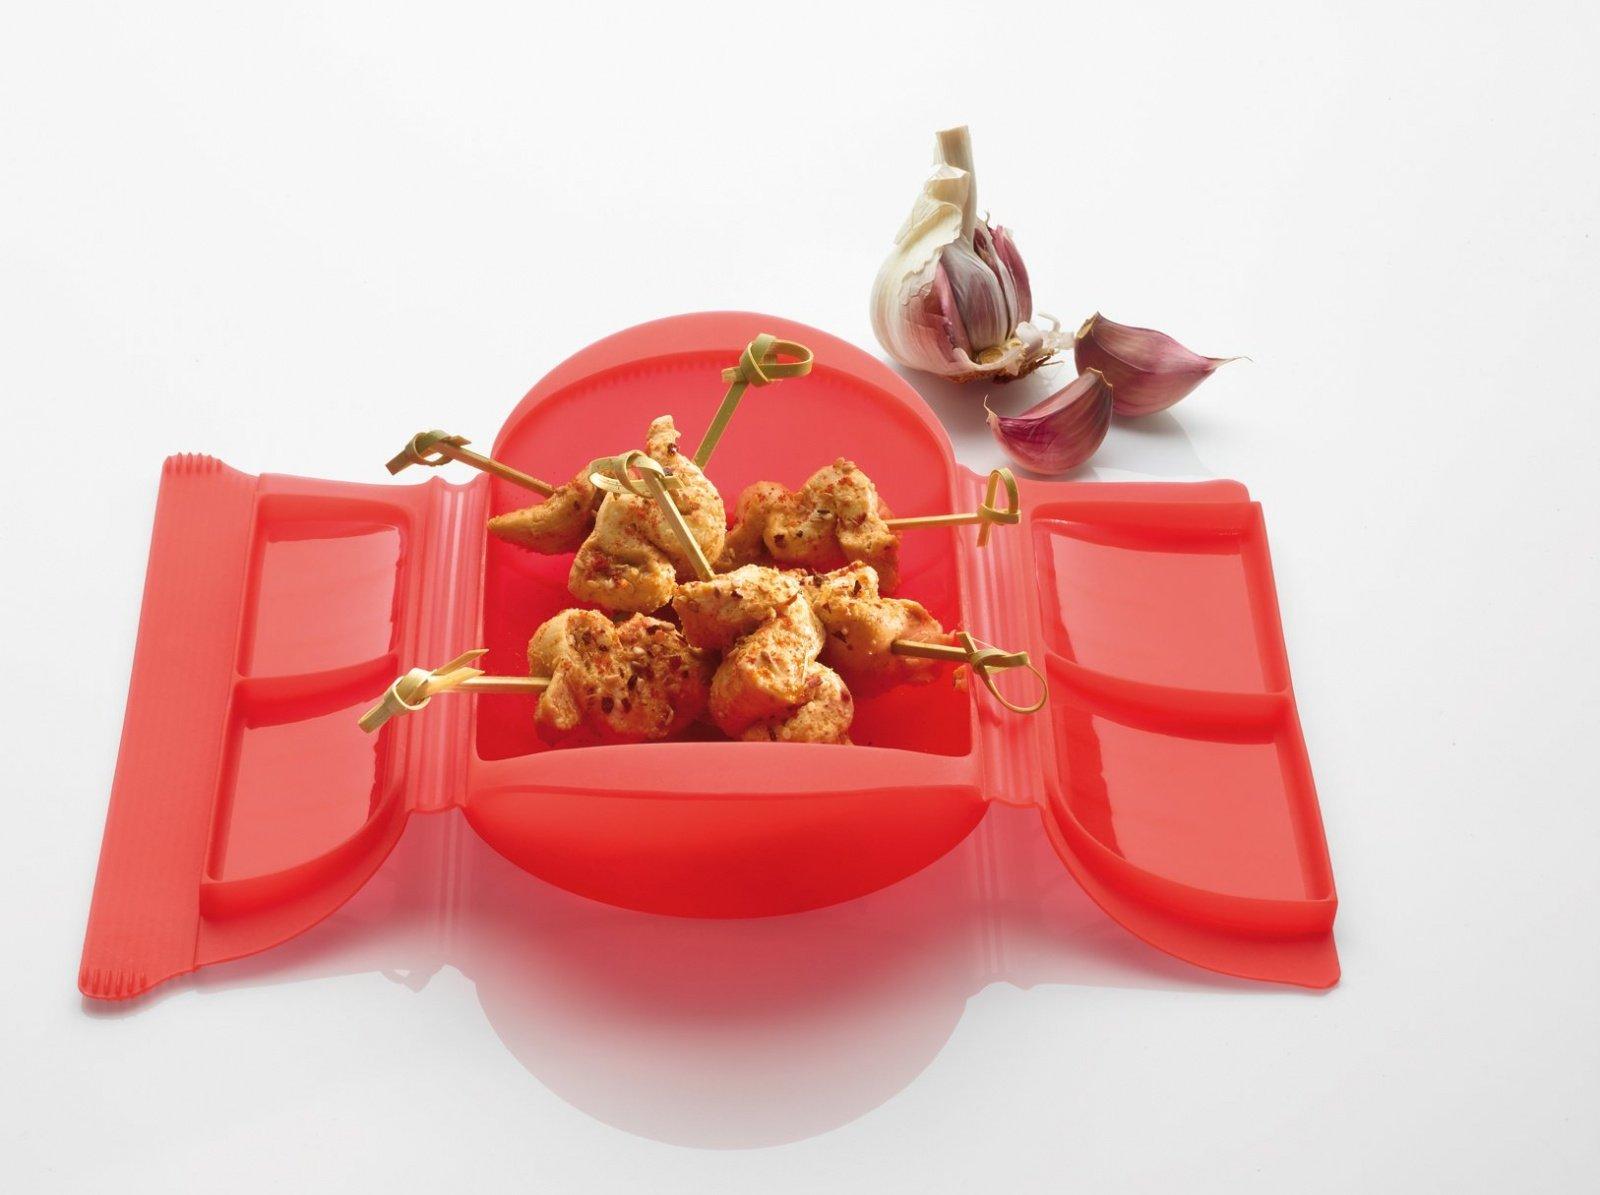 Конверт для запекания Порционный Lekue, 1-2 порции, красный